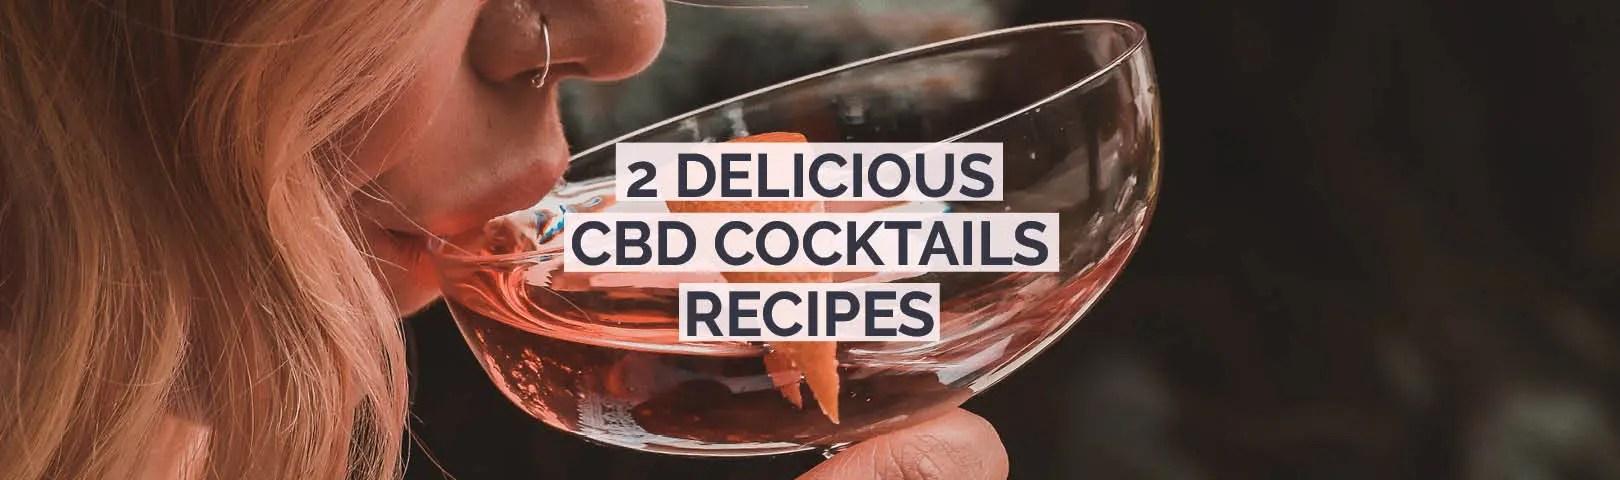 cbd cocktials